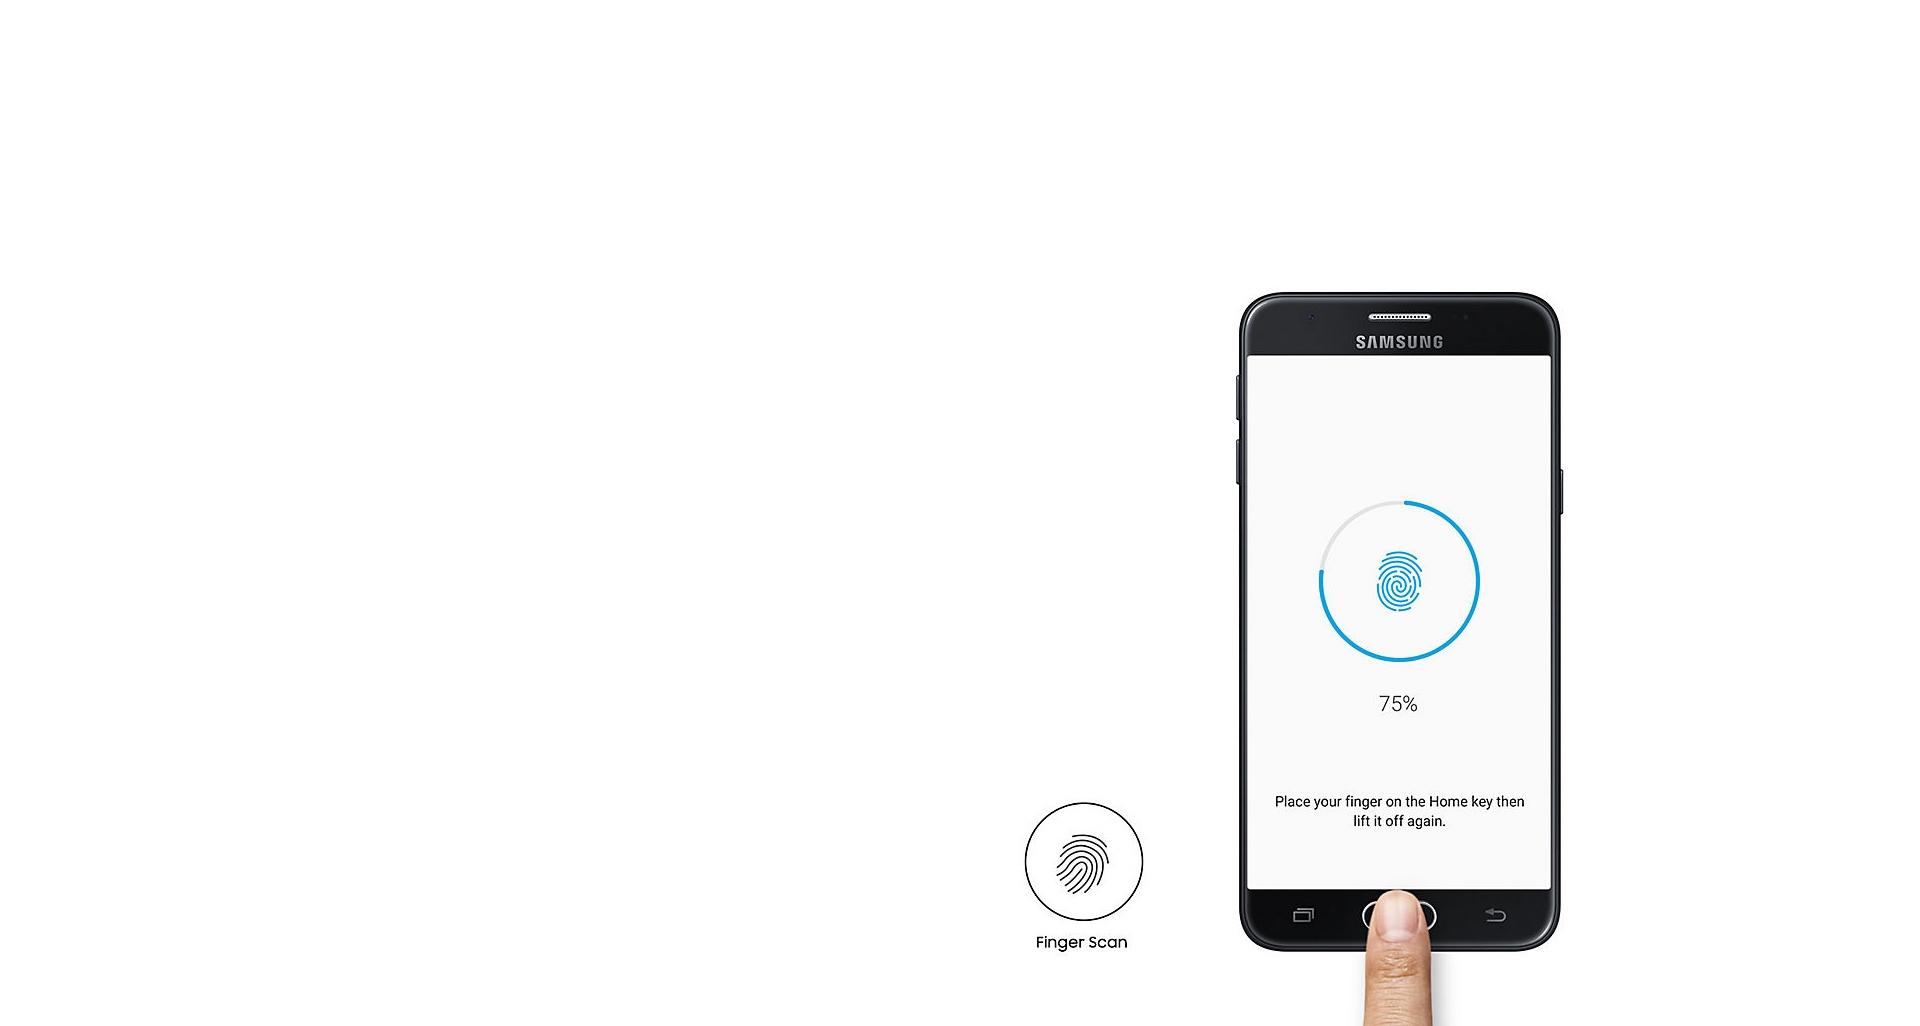 امنیت بهبود یافته گوشی گلکسی جی 5 پرایم با سنسور اثر انگشت